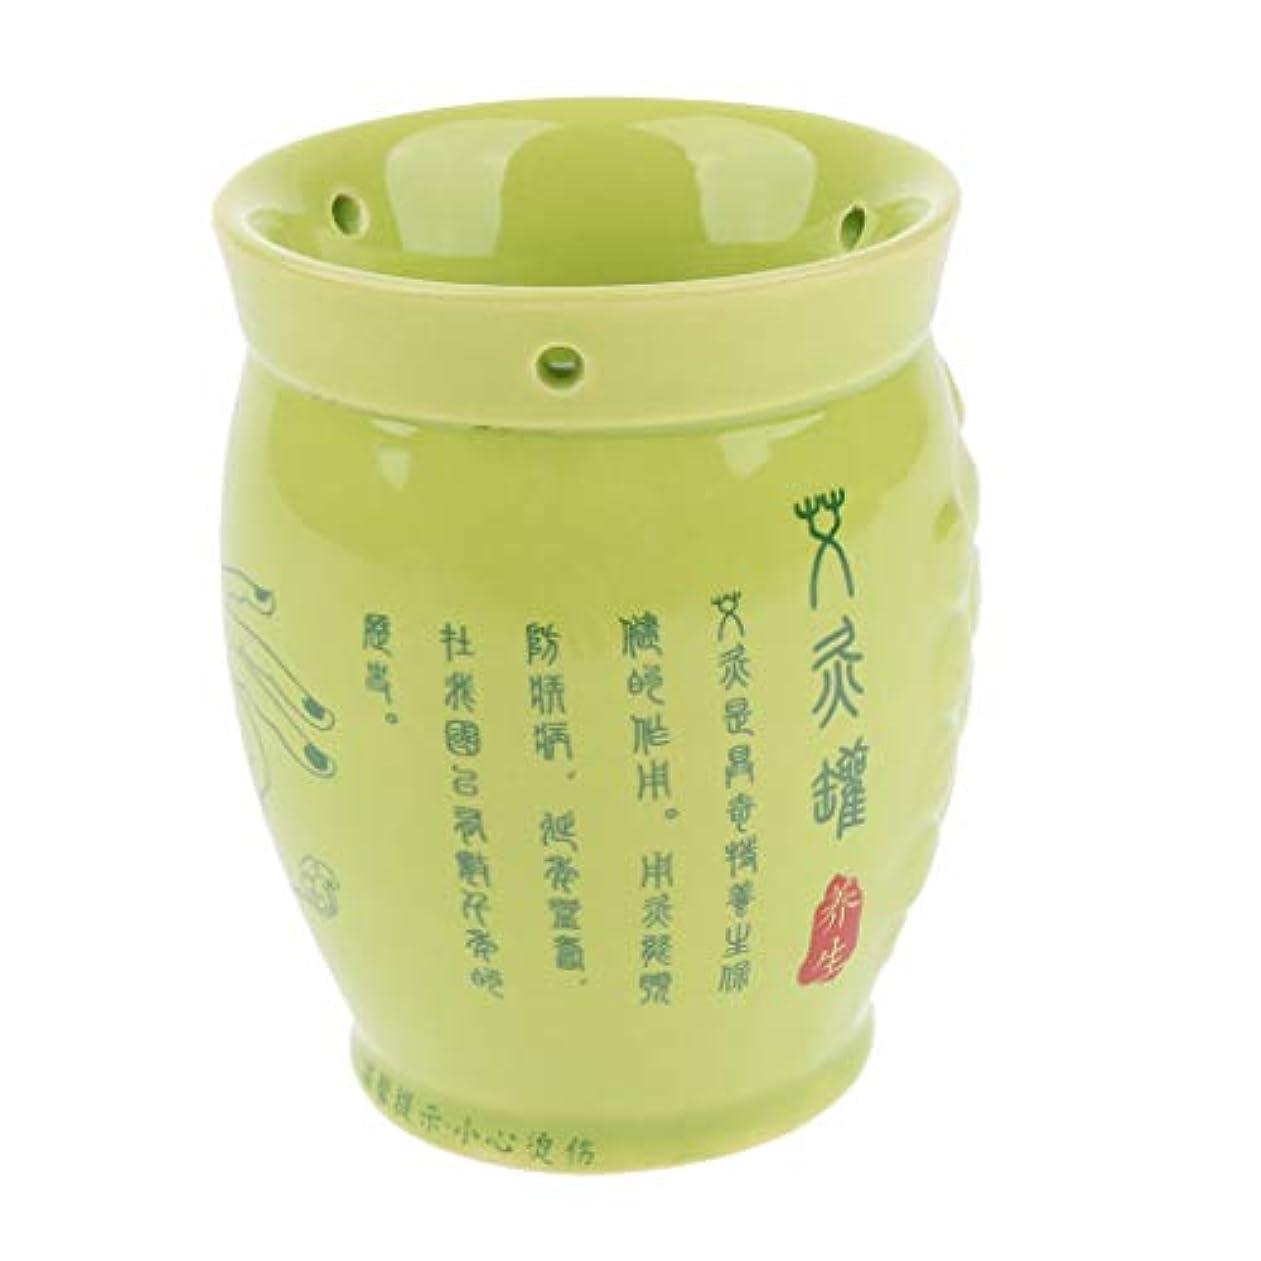 トロリーバス一時停止ゴルフFLAMEER マッサージカッピングカップ 缶 ポット お灸 中国式 セラミック 疲労軽減 男女兼用